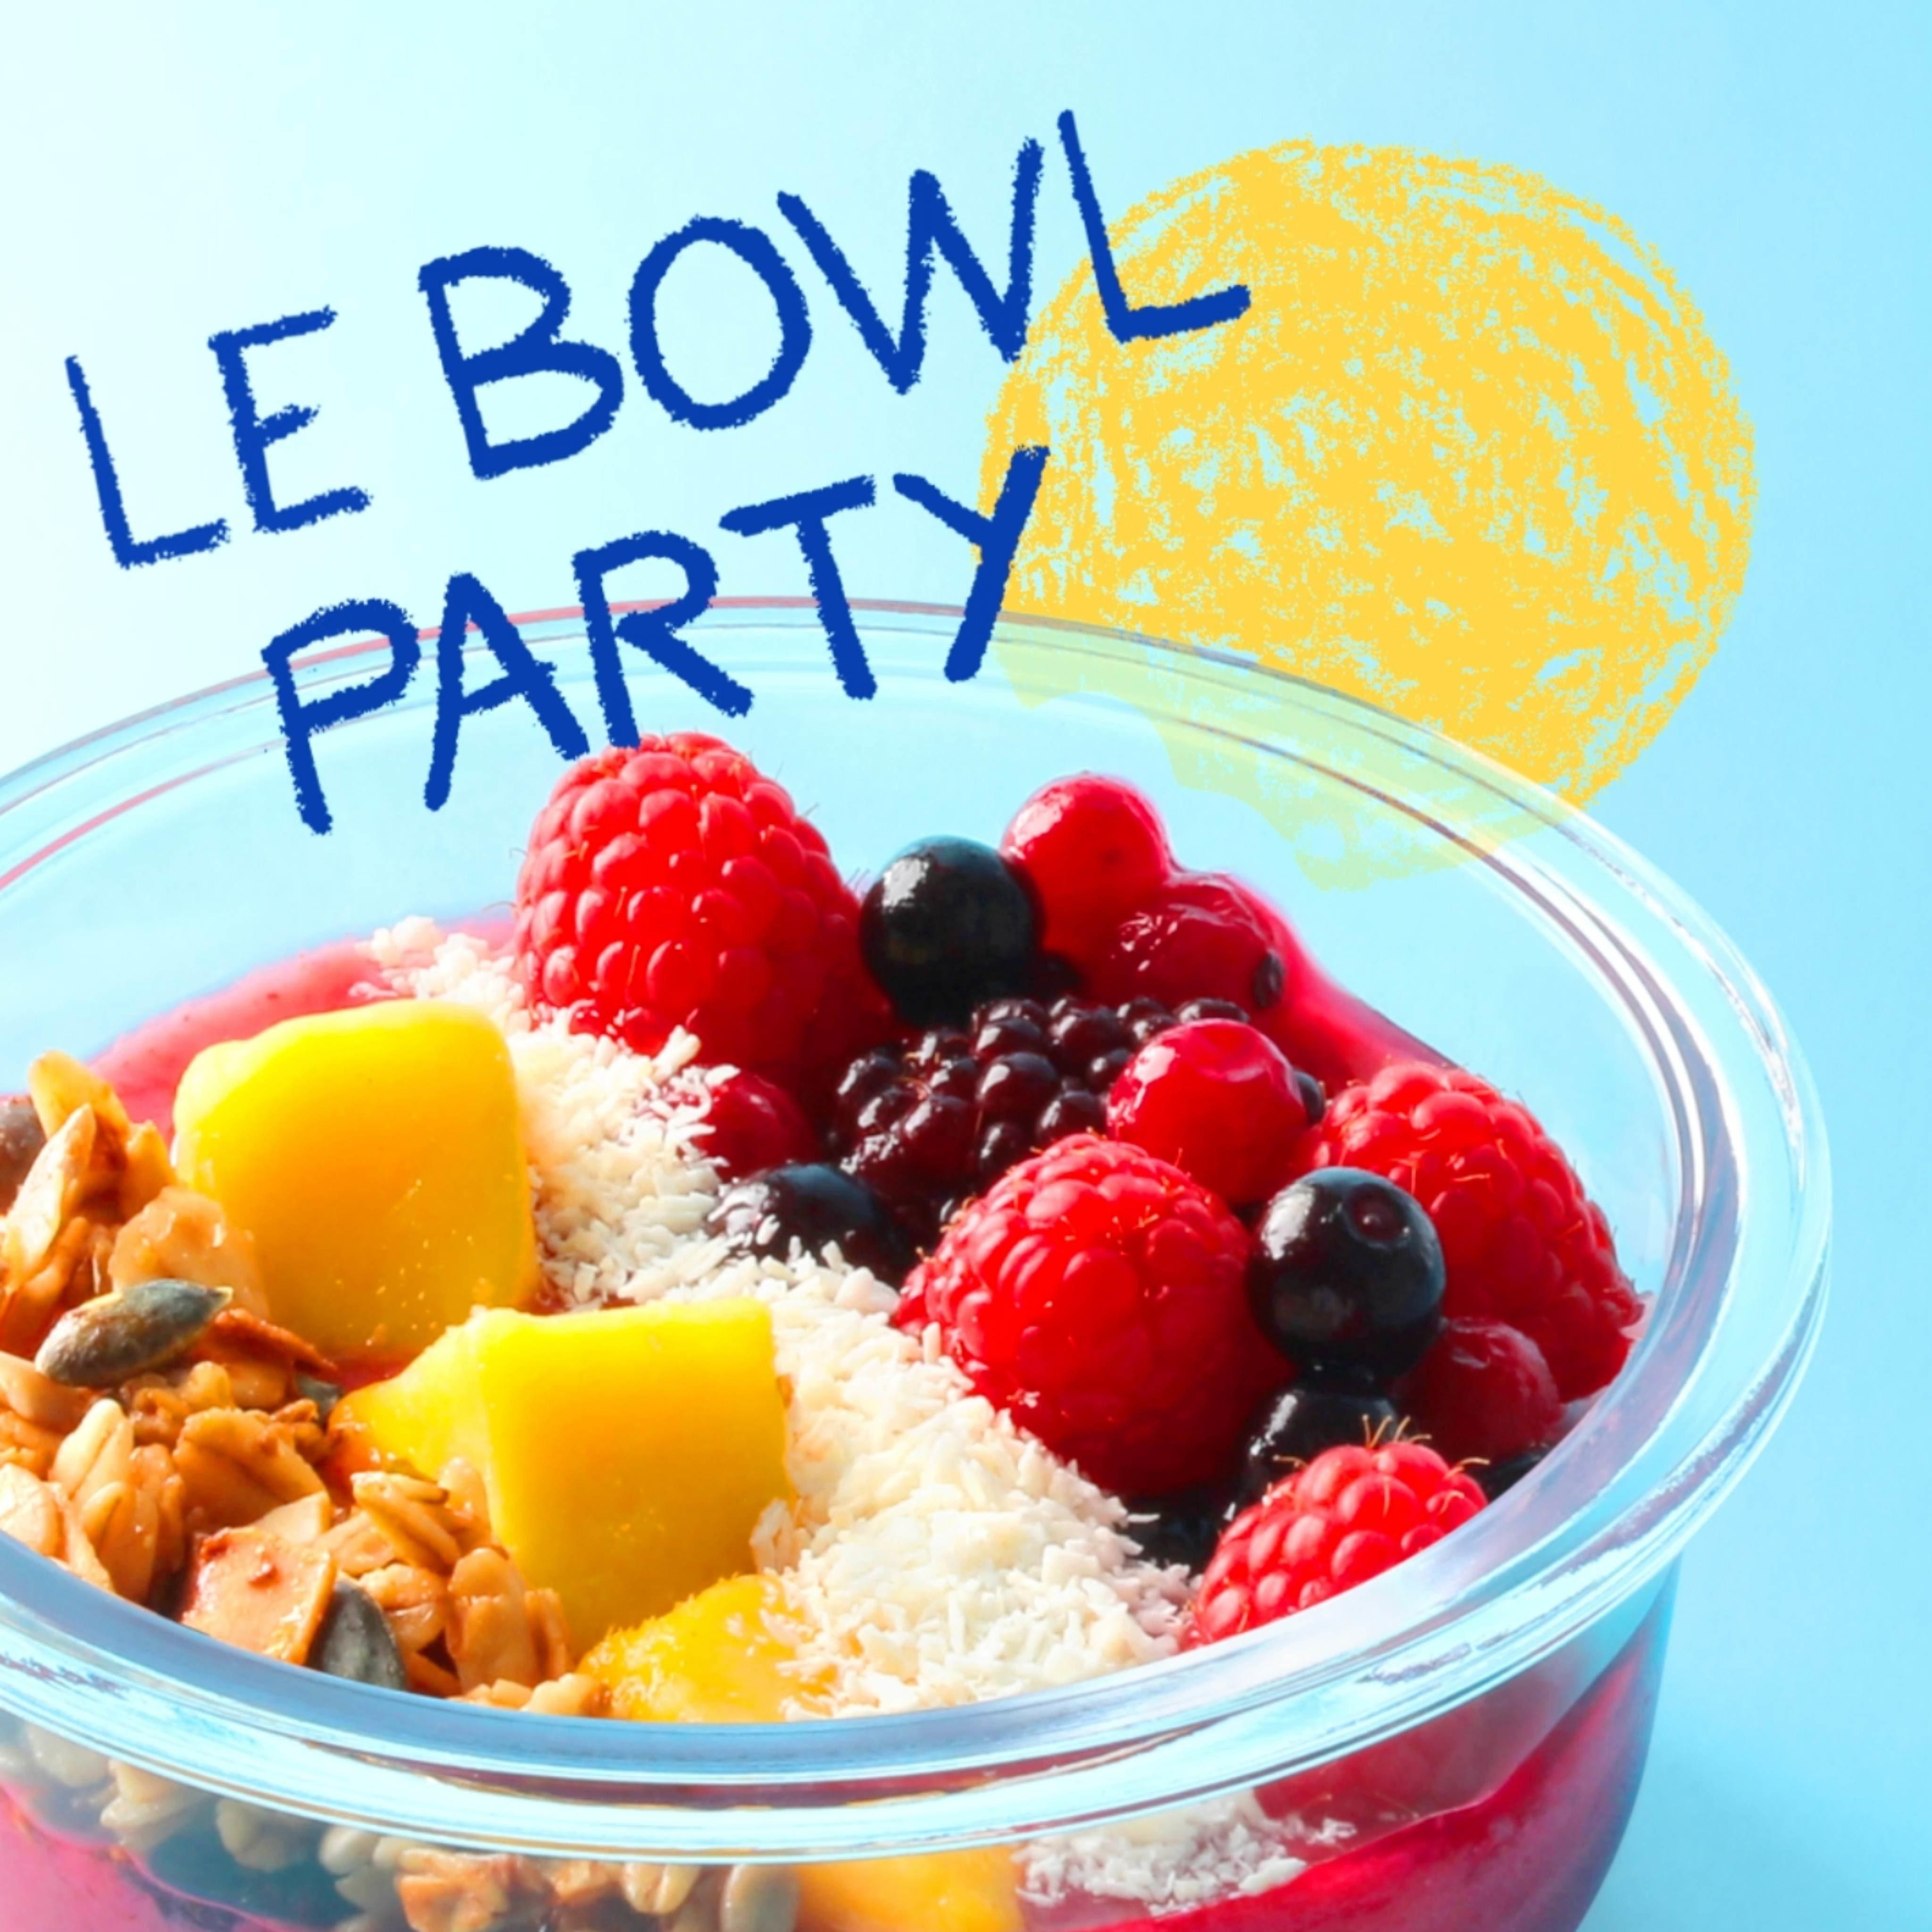 Le Bowl Party !